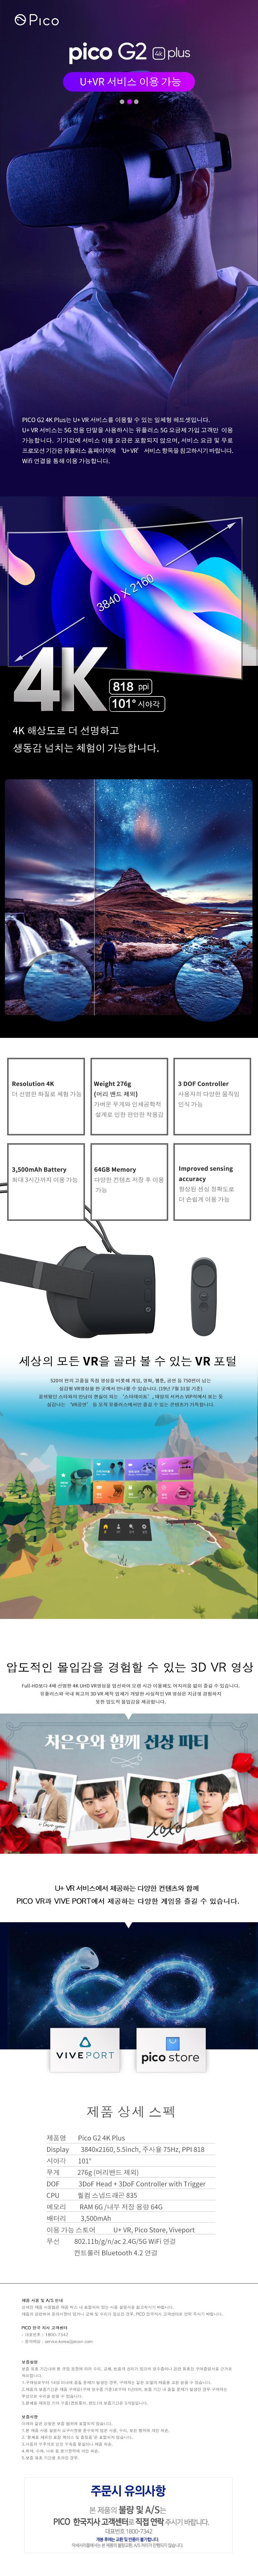 pico G2 4K plus  U+VR 서비스 이용 가능 pico G2 4K plus는 U+ VR 서비스를 이용할 수 있는 일체형 헤드셋입니다. U+VR서비스는 5G 전용 단말을 사용하시는 유플러스 5G 요금제 가입 고객만 이용가능합니다. 기기값에 서비스 이용 요금은 포함되지 않으며, 서비스 요금 및 무료 프로모션 기간은 유플러스 홈페이지에 'U+VR' 서비스 항목을 참고하시기 바랍니다. wifi 연결을 통해 이용 가능합니다. 4K 해상도로 더 선명하고 생동감 넘치는 체험이 가능합니다. Resolution 4K  더 선명한 화질로 체험 가능 weight 276g(머리 밴드 제외) 가벼운 무게와 인체공학적 설계로 인한 편안한 착용감 3DOF Controller 사용자의 다양한 움직임 인식 가능 3,500mAh Battery 최대 3시간까지 이용 가능 64GB Memory 다양한 컨텐츠 저장 후 이용 가능 Improved sensing accuracy 향상된 센싱 정확도로 더 손쉽게 이용 가능 세상의 모든 VR을 골라 볼 수 있는 VR포털 520여 편의 고품질 독점 영상을 비롯해 게임, 영화, 웹툰, 공연 등 750편이 넘는 실감형 VR영상을 한 곳에서 만나볼 수 있습니다. (19년 7월 31일 기준) 꿈꿔왔던 스타와의 만남이 현실이 되는 '스타데이트', 태양의 서커스 VIP석에서 보는 듯 실감나는 'VR공연' 등 오직 유플러스에서만 즐길 수 있는 콘텐츠가 가득합니다. 압도적인 몰입감을 경험할 수 있는 3D VR영상 Full-HD보다 4배 선명한 4K UHD VR영상을 엄선하여 오랜 시간 이용해도 어지러움 없이 즐길 수 있습니다. 유플러스와 국내 최고의 3D vr제작 업체가 개발한 사실적인 VR영상은 지금껏 경험하지 못한 압도적 몰입감을 제공합니다. 차은우와 함께 선상 파티 U+VR서비스에서 제공하는 다양한 컨텐츠와 함께 PICO VR과 VIVE PORT에서 제공하는 다양한 게임을 즐길 수 있습니다. 제품 상세 스펙 제품명 : Pico G2 4K plus Display : 3840*2160, 5.5inch, 주사율756Hz, PPI818 시야각 : 101 무게 : 276g(머리밴드 제외) DOF 3DoF Head+3DoF Controller with Trigger CPU : 퀄컴 스냅드래곤 835 메모리 : Ram 6G/내부 저장 용량 64G 배터리 : 3,500mAh 이용 가능 스토어 : U+VR, Pico Store, Viveport 무선 : 802.11b/g/n/ac 2.4G/5G wifi연결 컨트롤러 Bluetooth 4.2연결 제품 사용 및 A/S안내 상세한 제품 사용법은 제품 박스 내 포함되어 있는 사용 설명서를 참고하시기 바랍니다. 제품과 관련하여 문의사항이 있거나 교체 및 수리가 필요한 경우, PICO 한국지사 고객센터로 연락 주시기 바랍니다. PICO 한국 지사 고객센터 -대표번호 : 1800-7943 -문의메일 : service.korea@picovr.com 보증설명 보증 유효 기간내에 본 규정 조항에 따라 수리, 교체, 반품의 권리가 있으며 영수증이나 관련 유효한 구매증명서를 근거로 처리합니다. 1. 구매일로부터 14일 이내에 품질 문제가 발생한 경우, 구매자는 같은 모델의 제품을 교환 받을 수 있습니다. 2. 제품의 보증기간은 제품 구매일(구매 영수증 기준)로부터 1년이며, 보증 기간 내 품질 문제가 발생한 경우 구매자는 무상으로 수리를 받을 수 있습니다. 3. 본체를 제외한 기타 부품(컨트롤러, 밴드)의 보증기간은 3개월입니다. 보증ㅇ사항 아래와 같은 상황은 보증 범위에 포함되지 않습니다. 1. 본 제품 사용 설명서 요구사항을 준수하지 않은 사용, 수리, 보관행위에 의한 파손. 2. 본체를 제외한 포장 케이스 및 증정품은 포함되지 않습니다. 3. 사용자 부주의로 인한 부속품 분실이나 제품 파손 4. 화재, 수해, 낙뢰 등 불가항력에 의한 파손 5. 보증 유효 기간을 초과한 경우